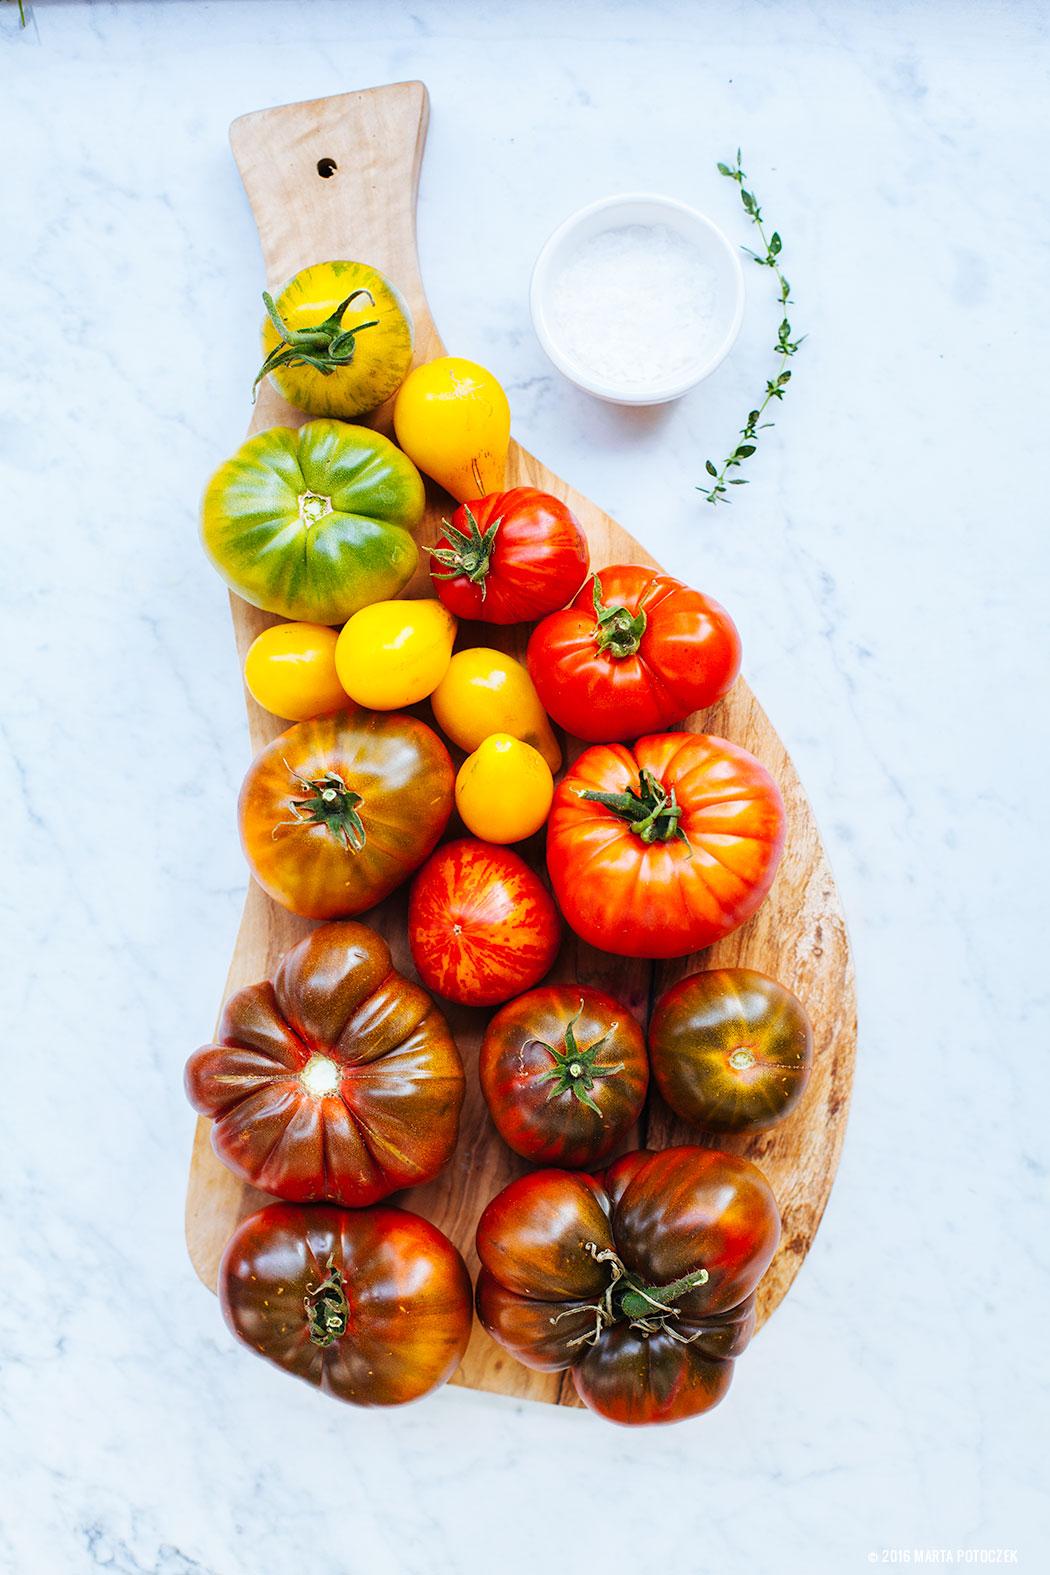 pomidory-na-desce